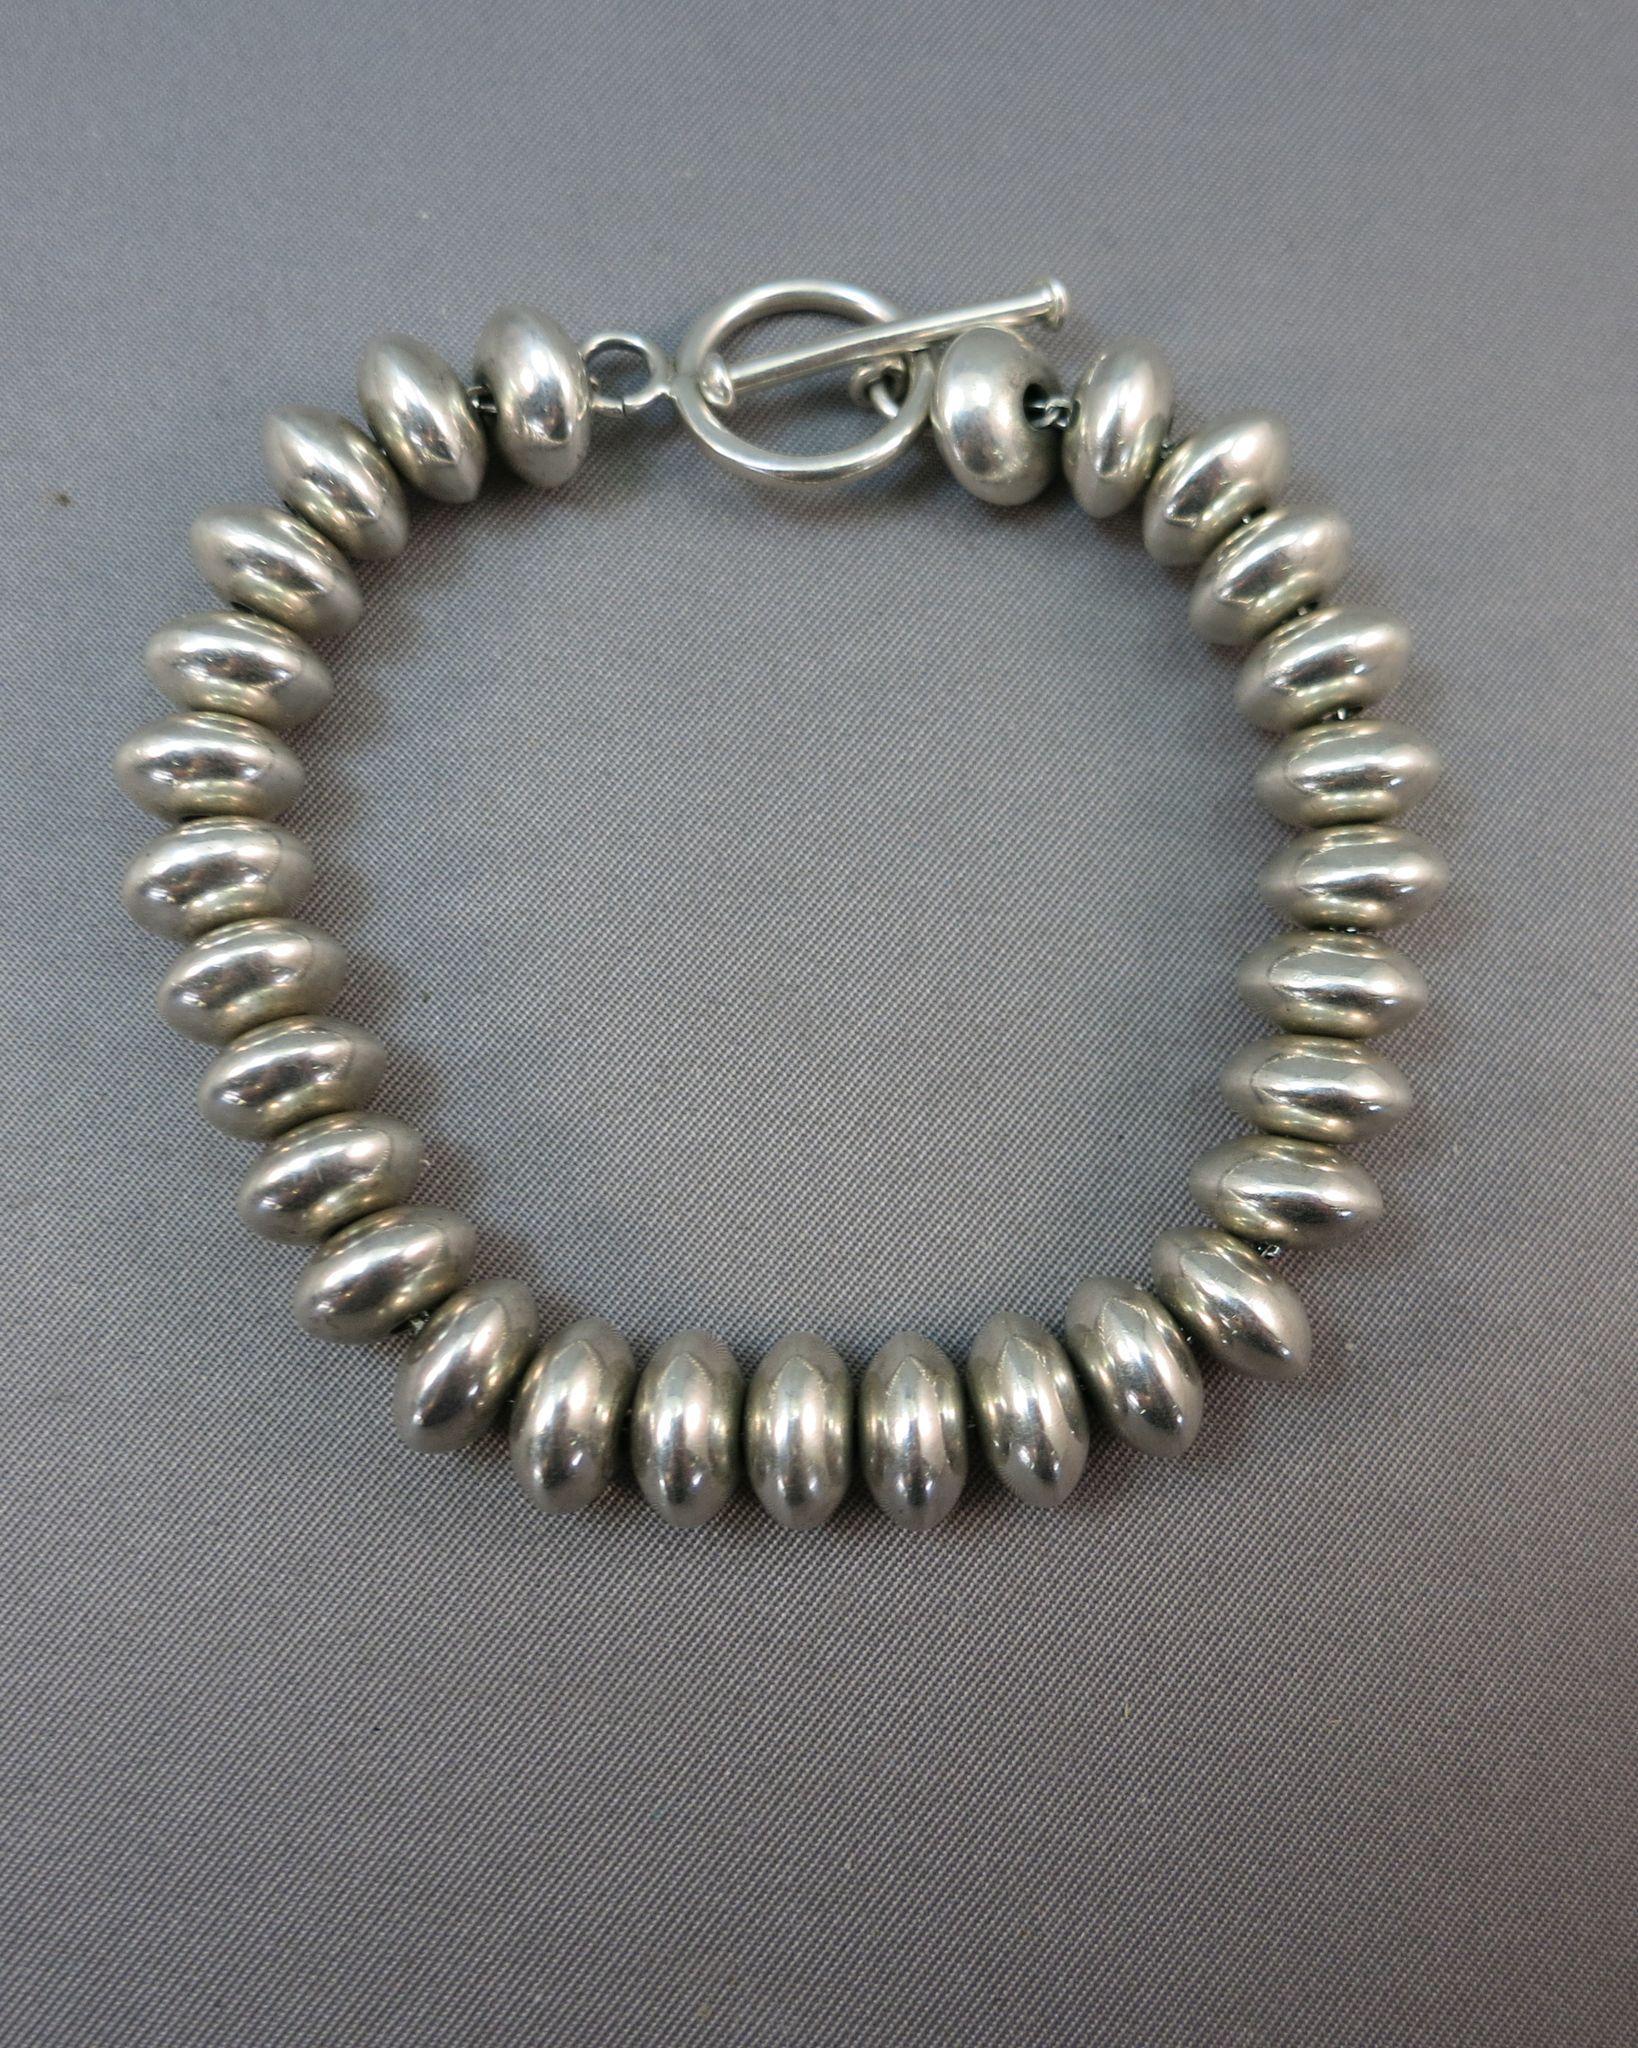 VINTAGE  Sterling Disks on a chain Bracelet  Toggle closure